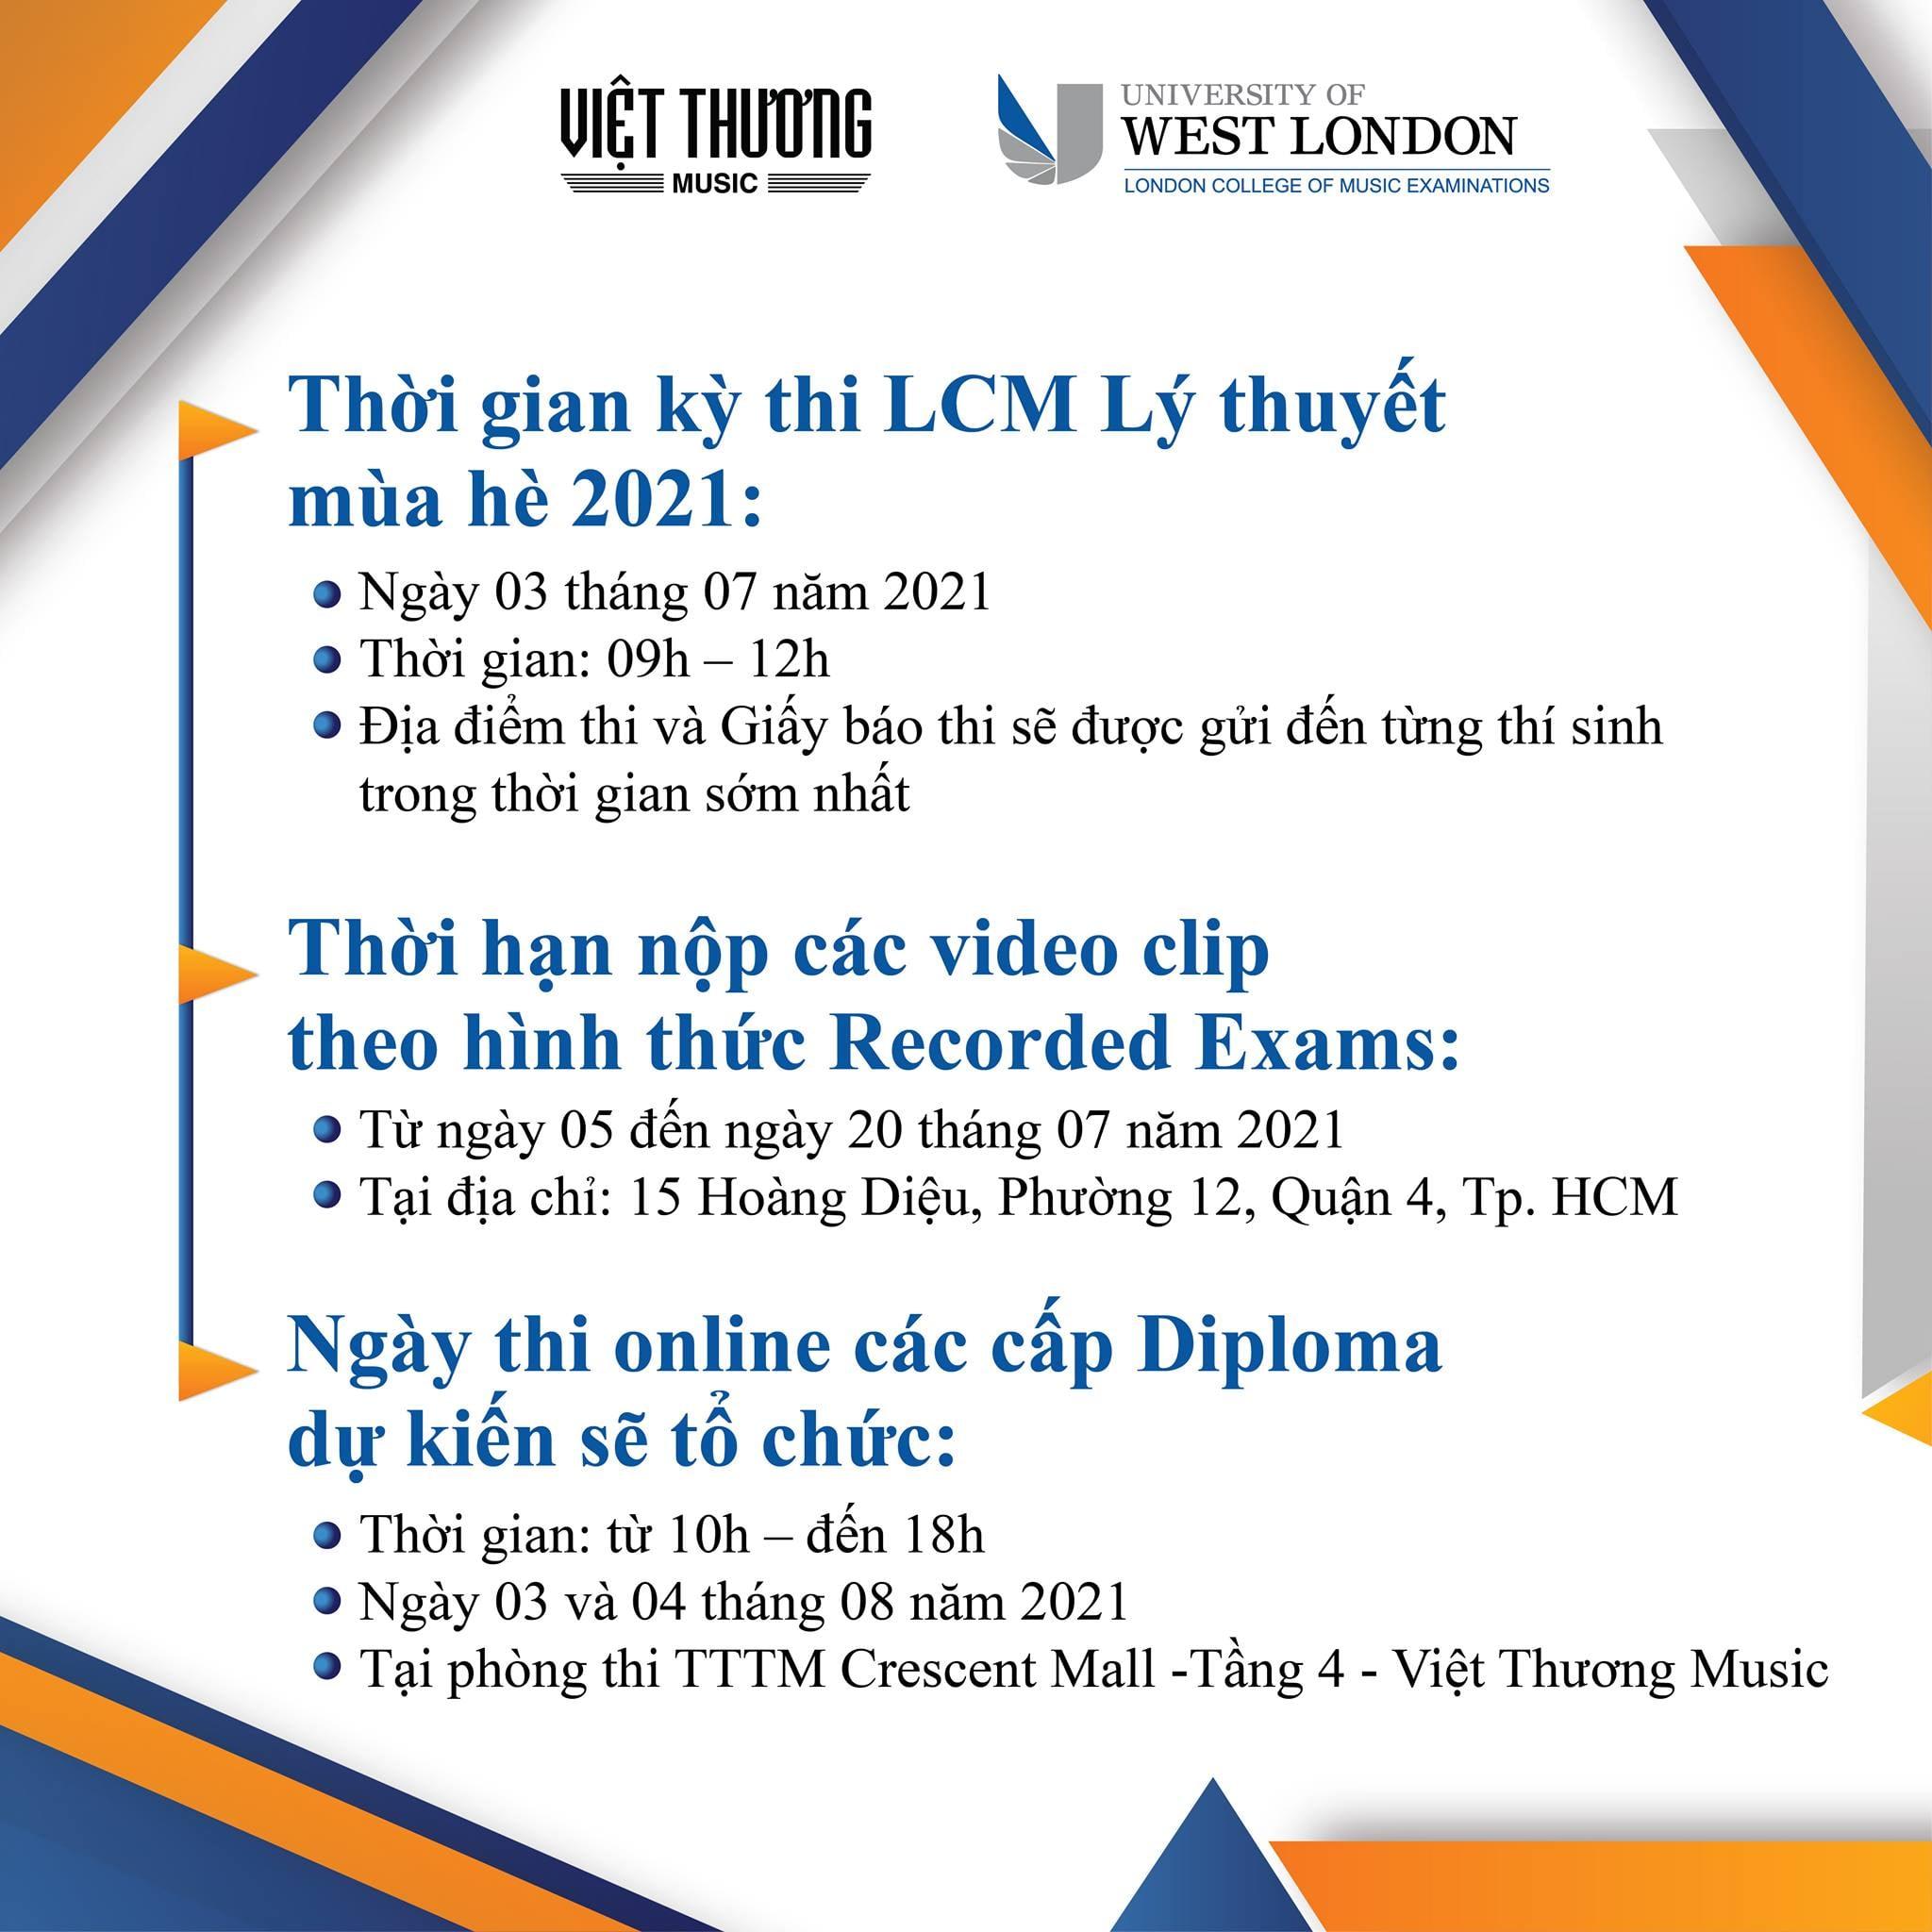 thông báo kỳ thi LCM